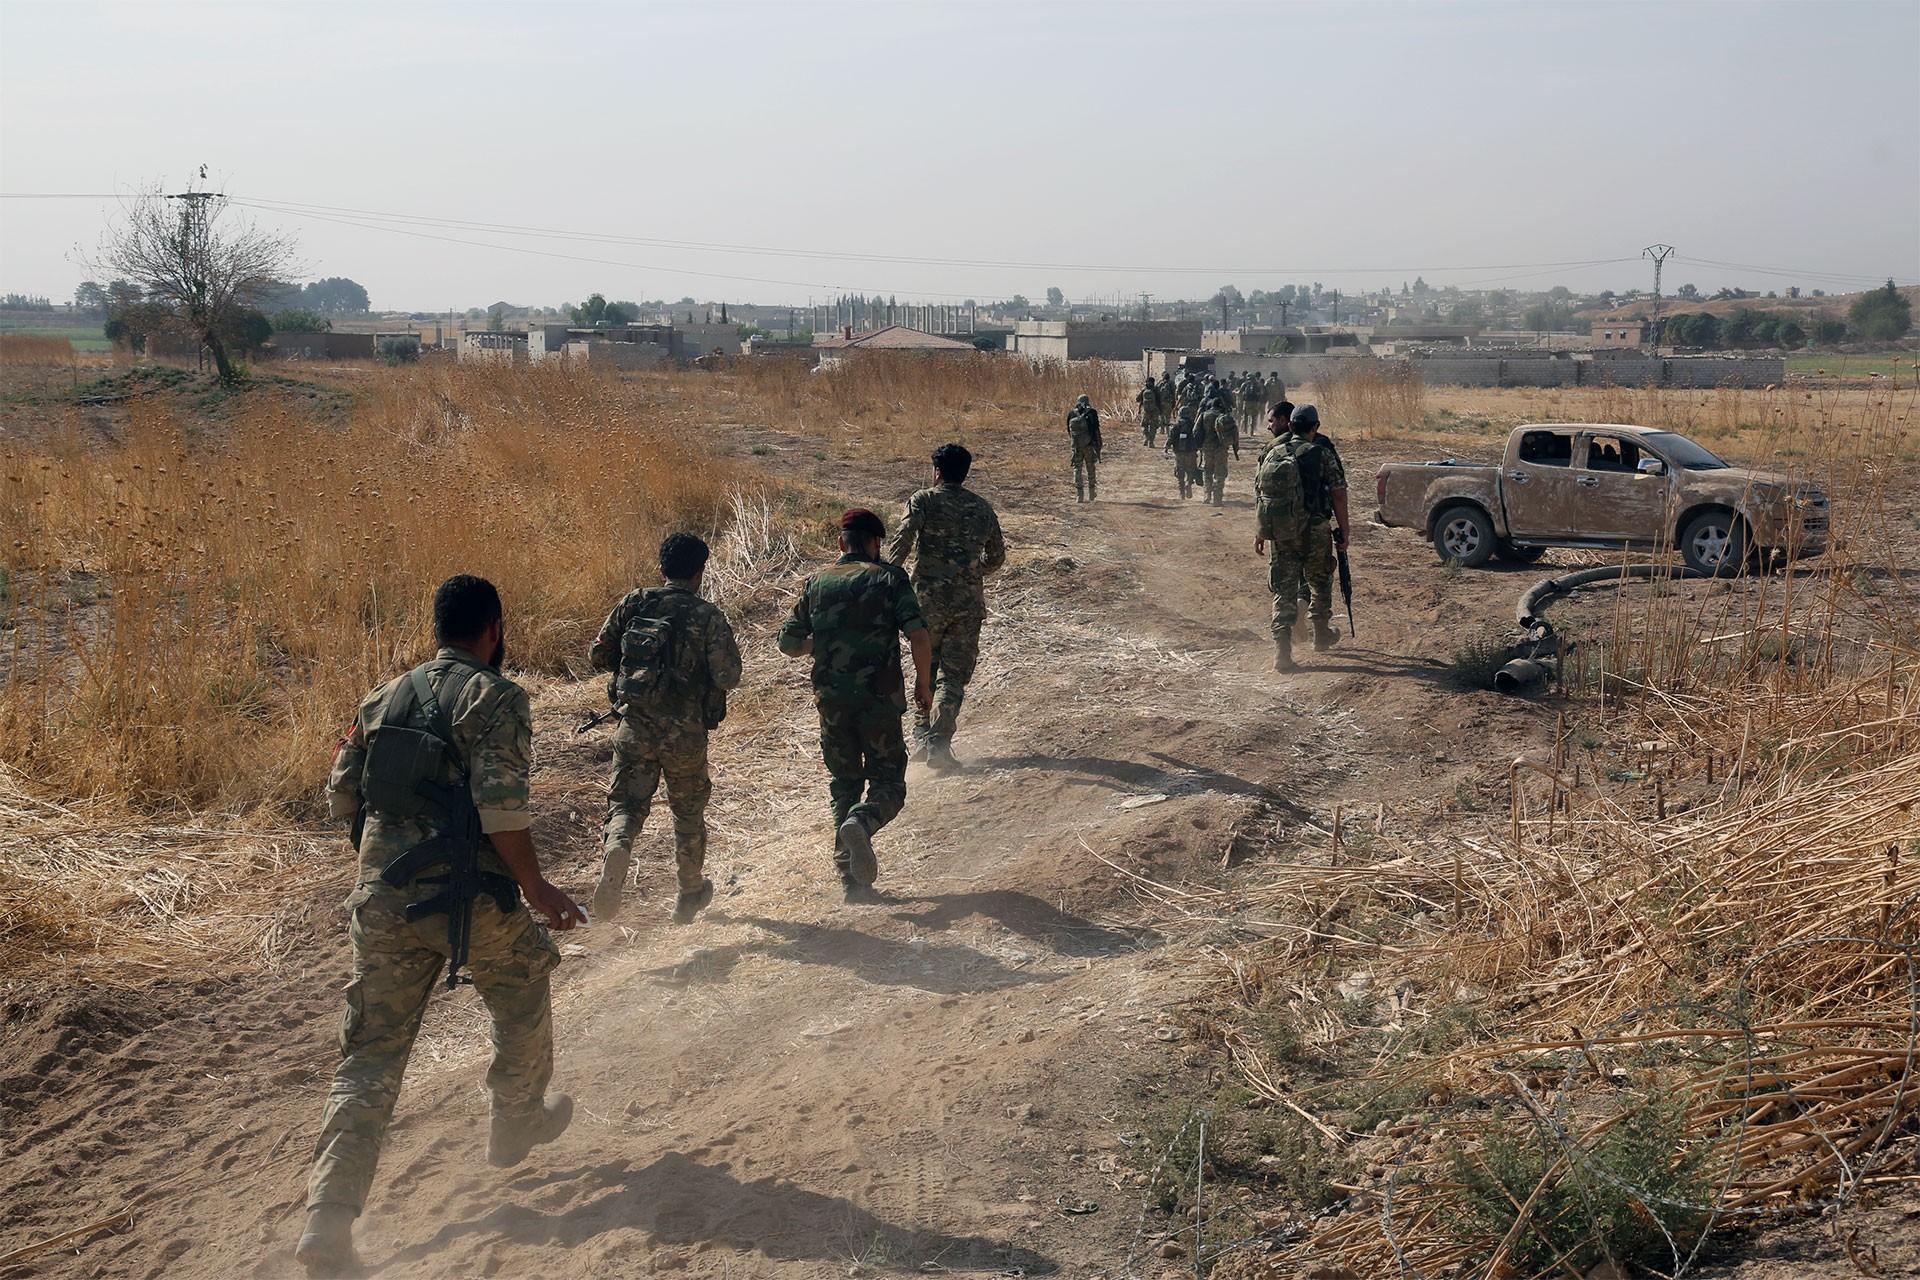 Dünyadan tepkiler sürüyor: Operasyon Suriye'nin egemenlik hakkının ihlalidir